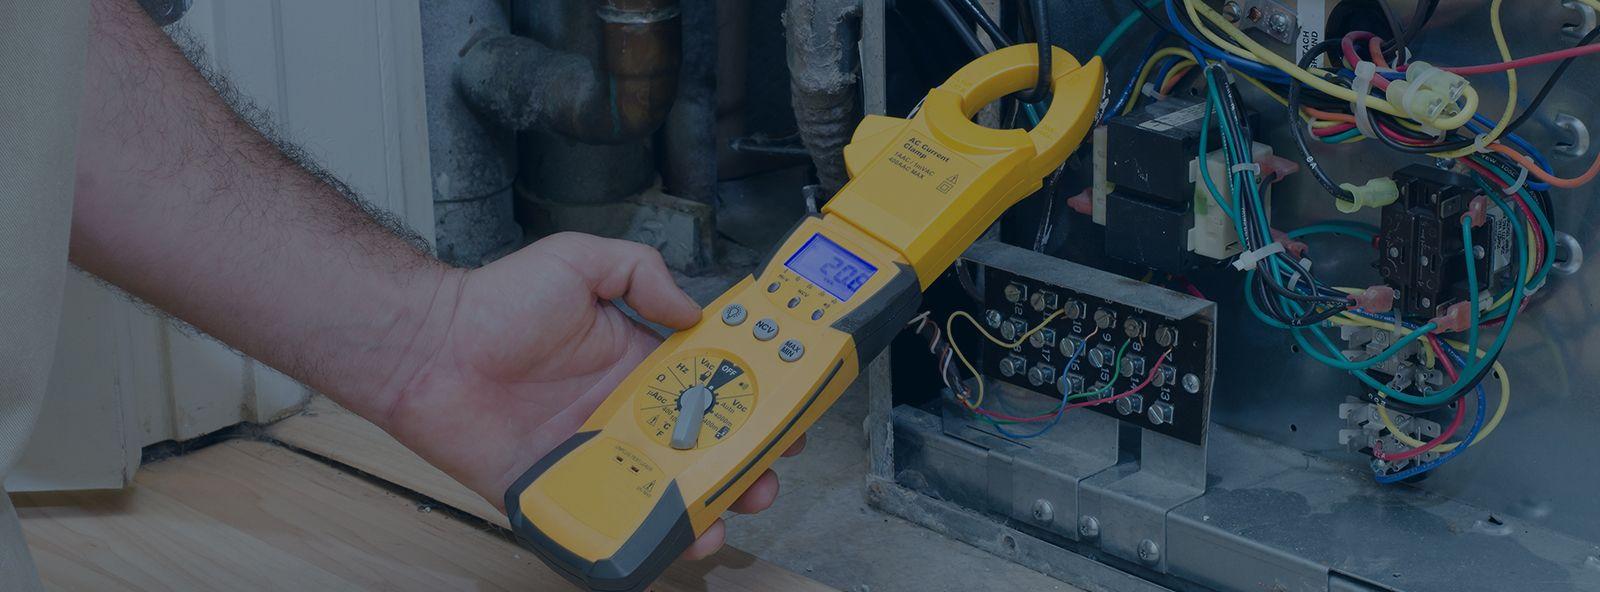 Electrical Mechanical Hvac Hvaccompany Hvacrepair